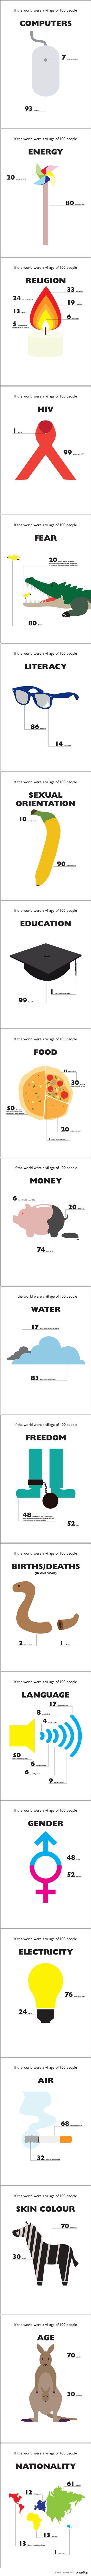 gdyby świat zamieszkiwało 100 os